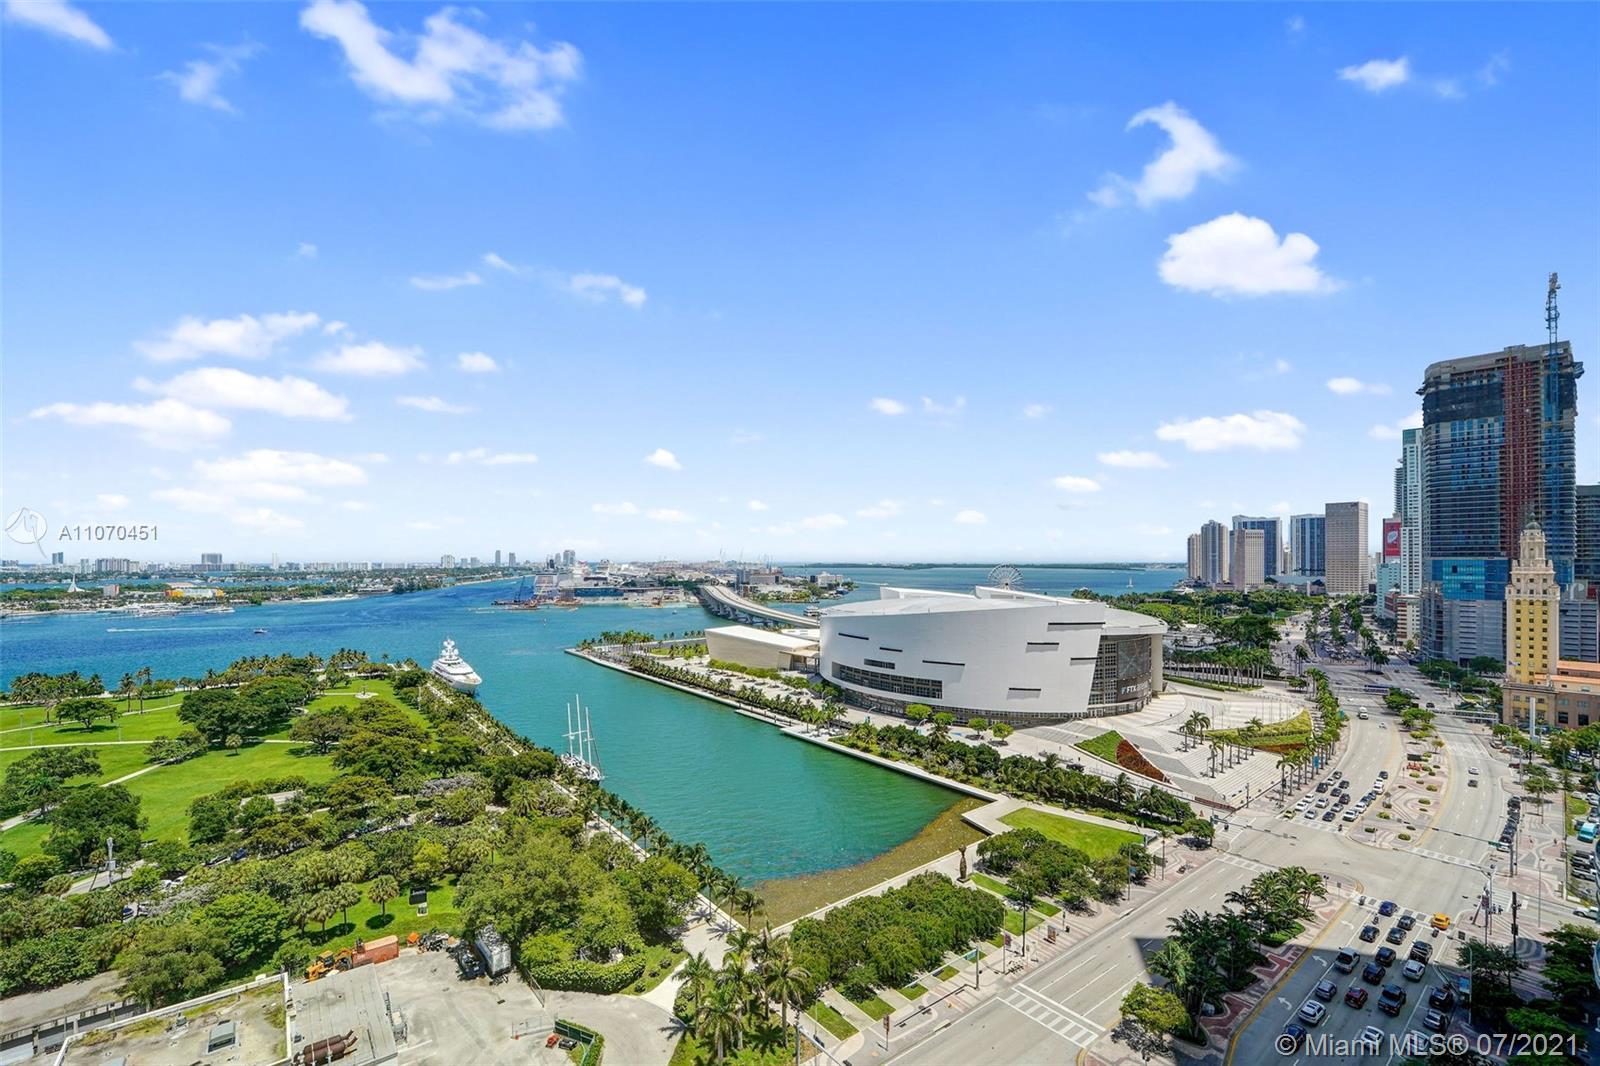 900 Biscayne Bay #2304 - 900 Biscayne Blvd #2304, Miami, FL 33132